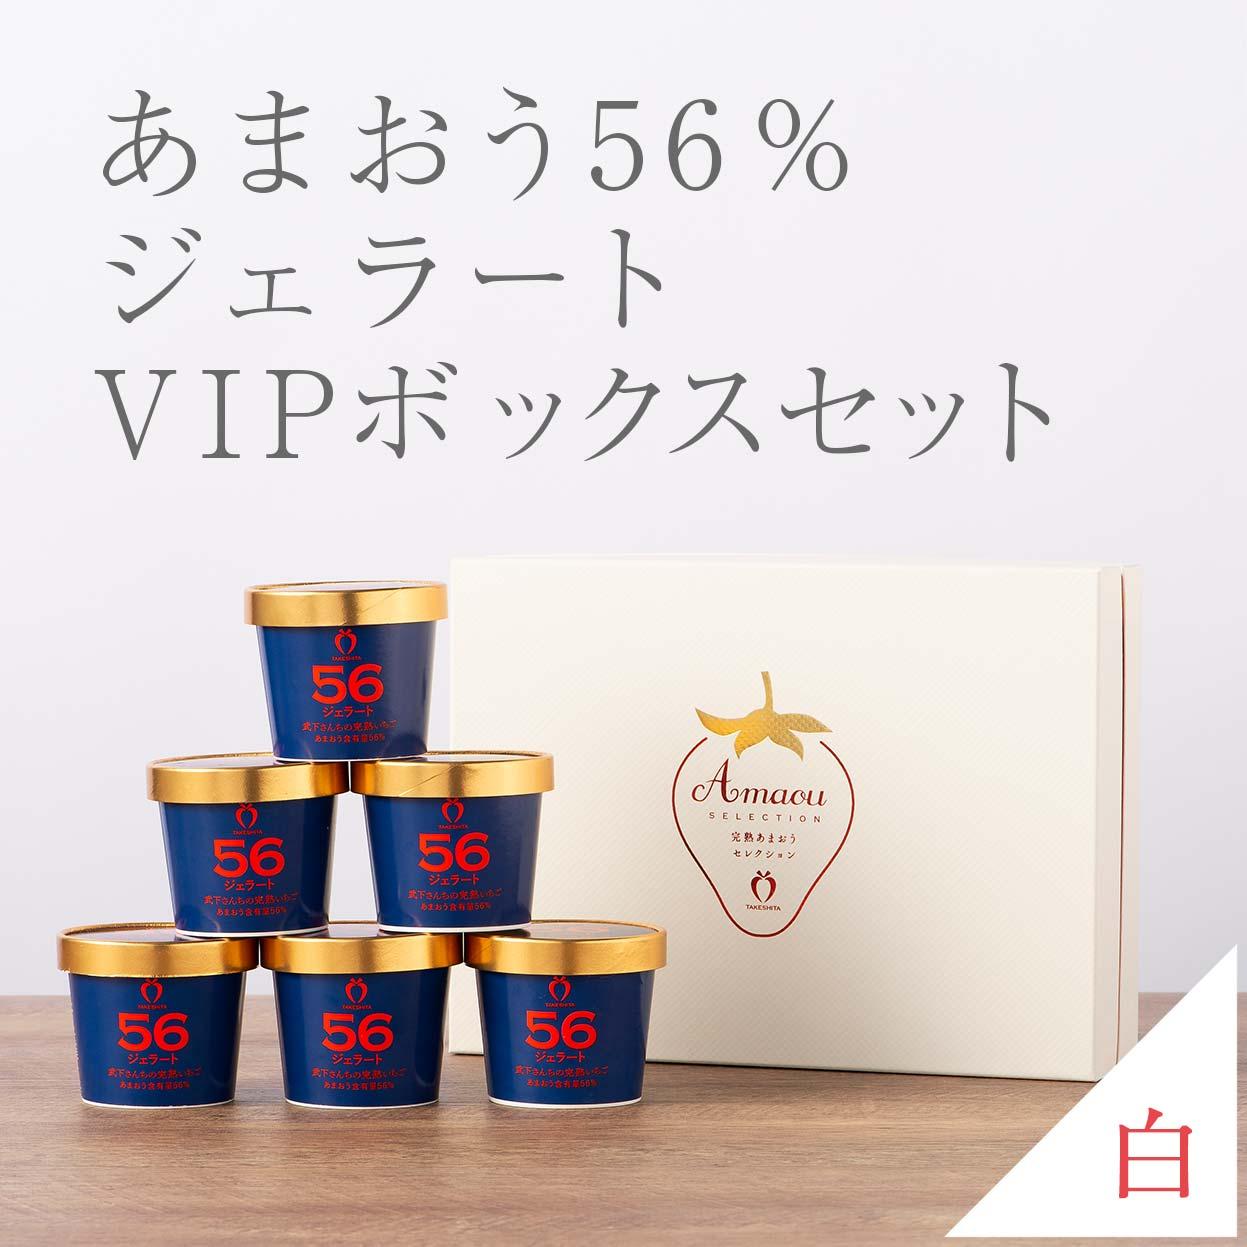 VIPボックス白 完熟あまおう56%ジェラートセット 6個入り